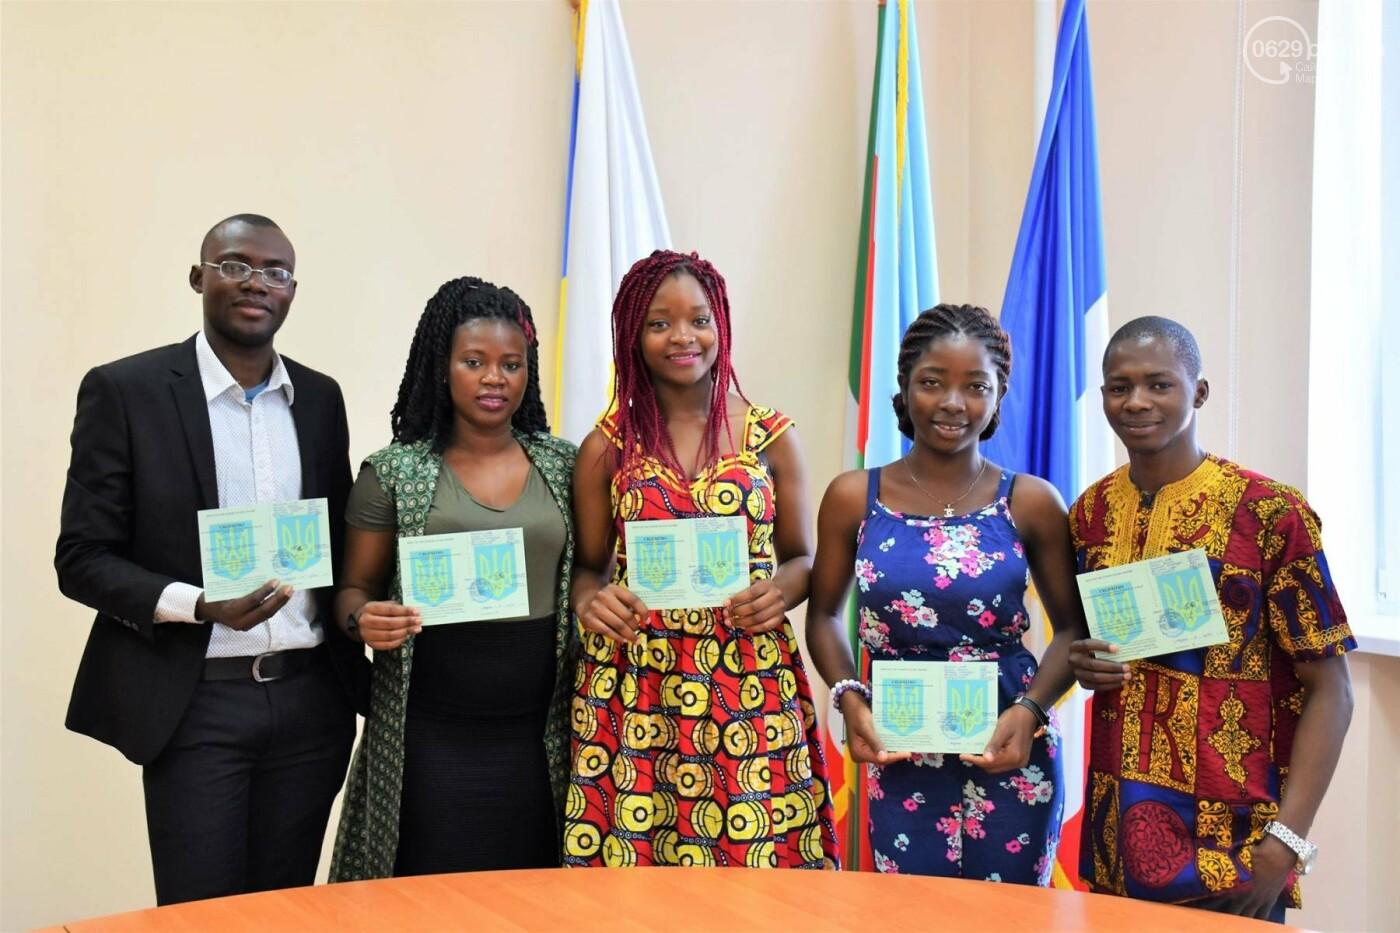 Студенты из Гвинеи и Камеруна отпраздновали окончание подготовительного отделения МГУ,- ФОТО, фото-6